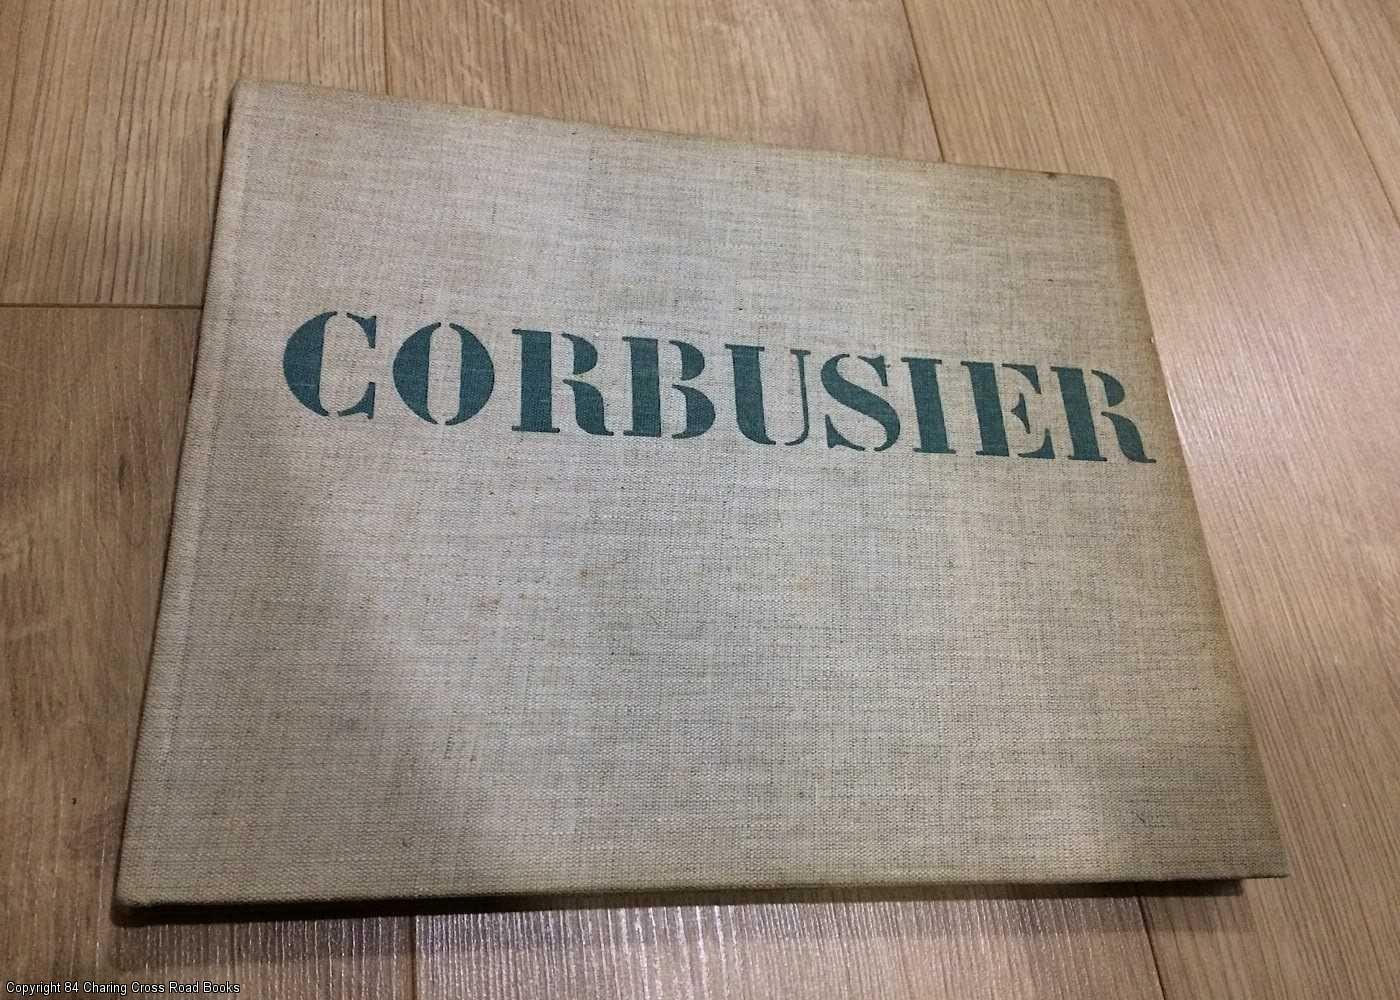 le corbusier et pierre jeanneret oeuvre compl te de 1929. Black Bedroom Furniture Sets. Home Design Ideas